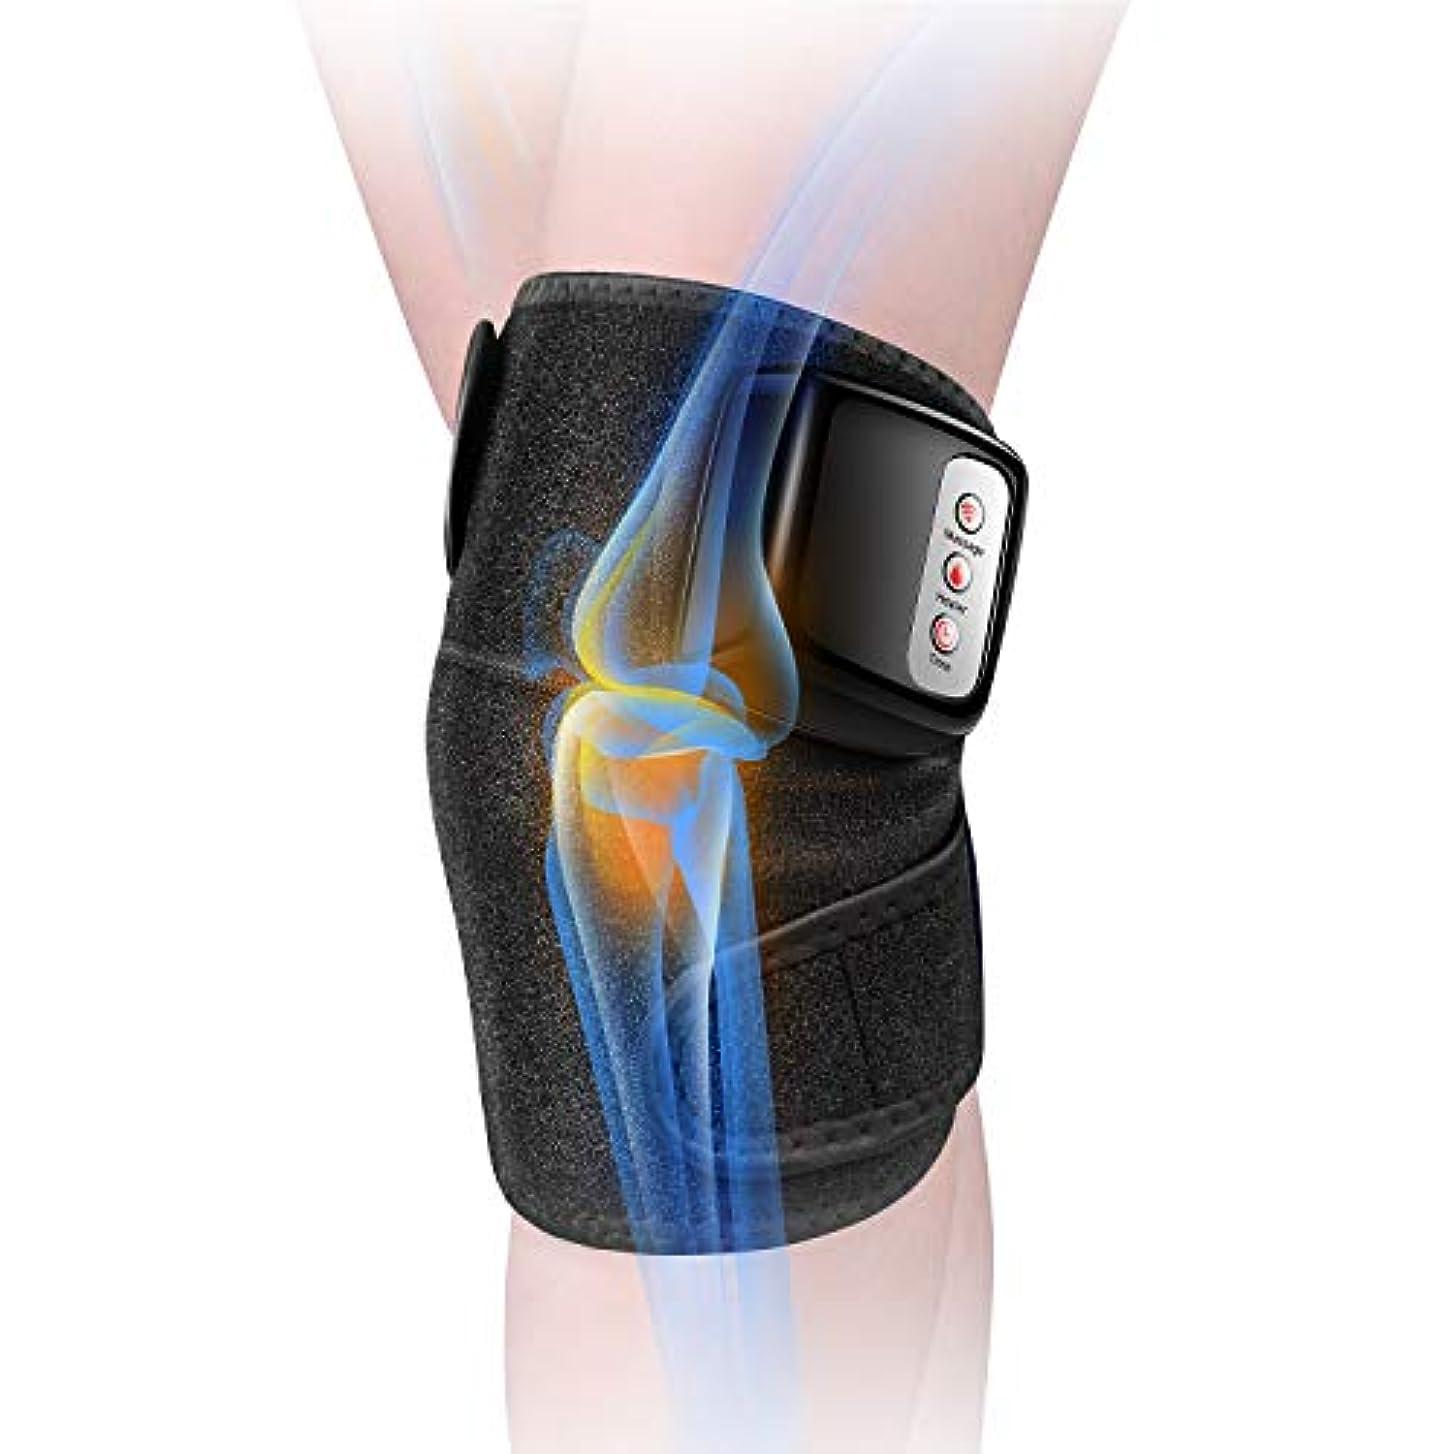 レビューポンドくすぐったい膝マッサージャー 関節マッサージャー マッサージ器 フットマッサージャー 振動 赤外線療法 温熱療法 膝サポーター ストレス解消 肩 太もも/腕対応